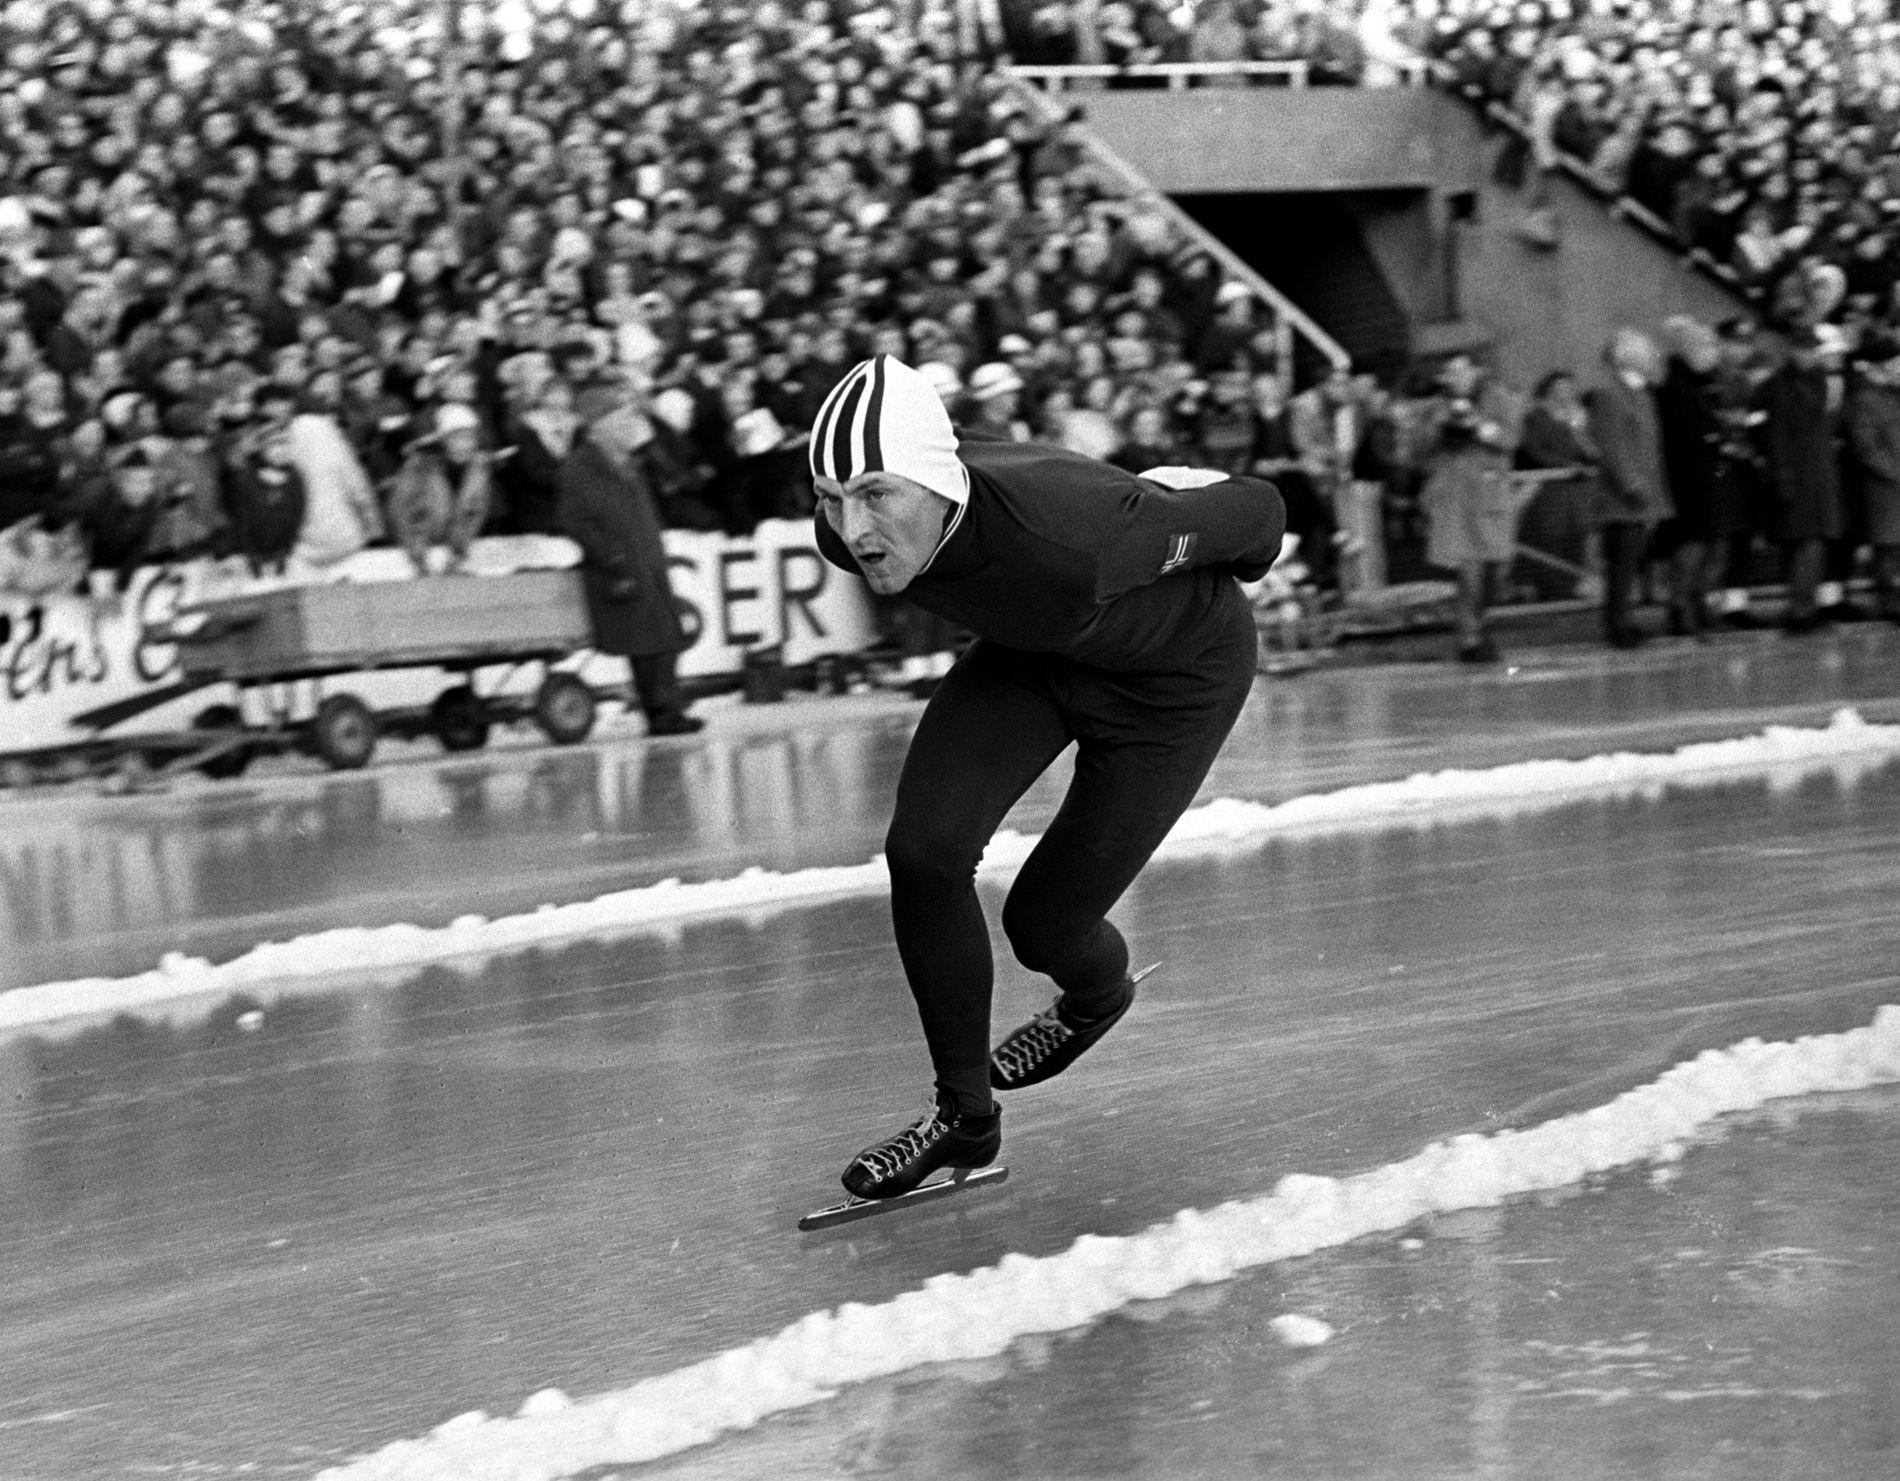 DISTANSEKONGEN: Fred Anton Maier satte til sammen 11 verdensrekorder på de to lengste distansene. Her vinner han europamesterskapet på Bislett i 1968, med ny verdensrekord på 10.000 meteren med tiden 15.20,3. Den sympatiske vestfoldingen tok også VM-gull og OL-gull.